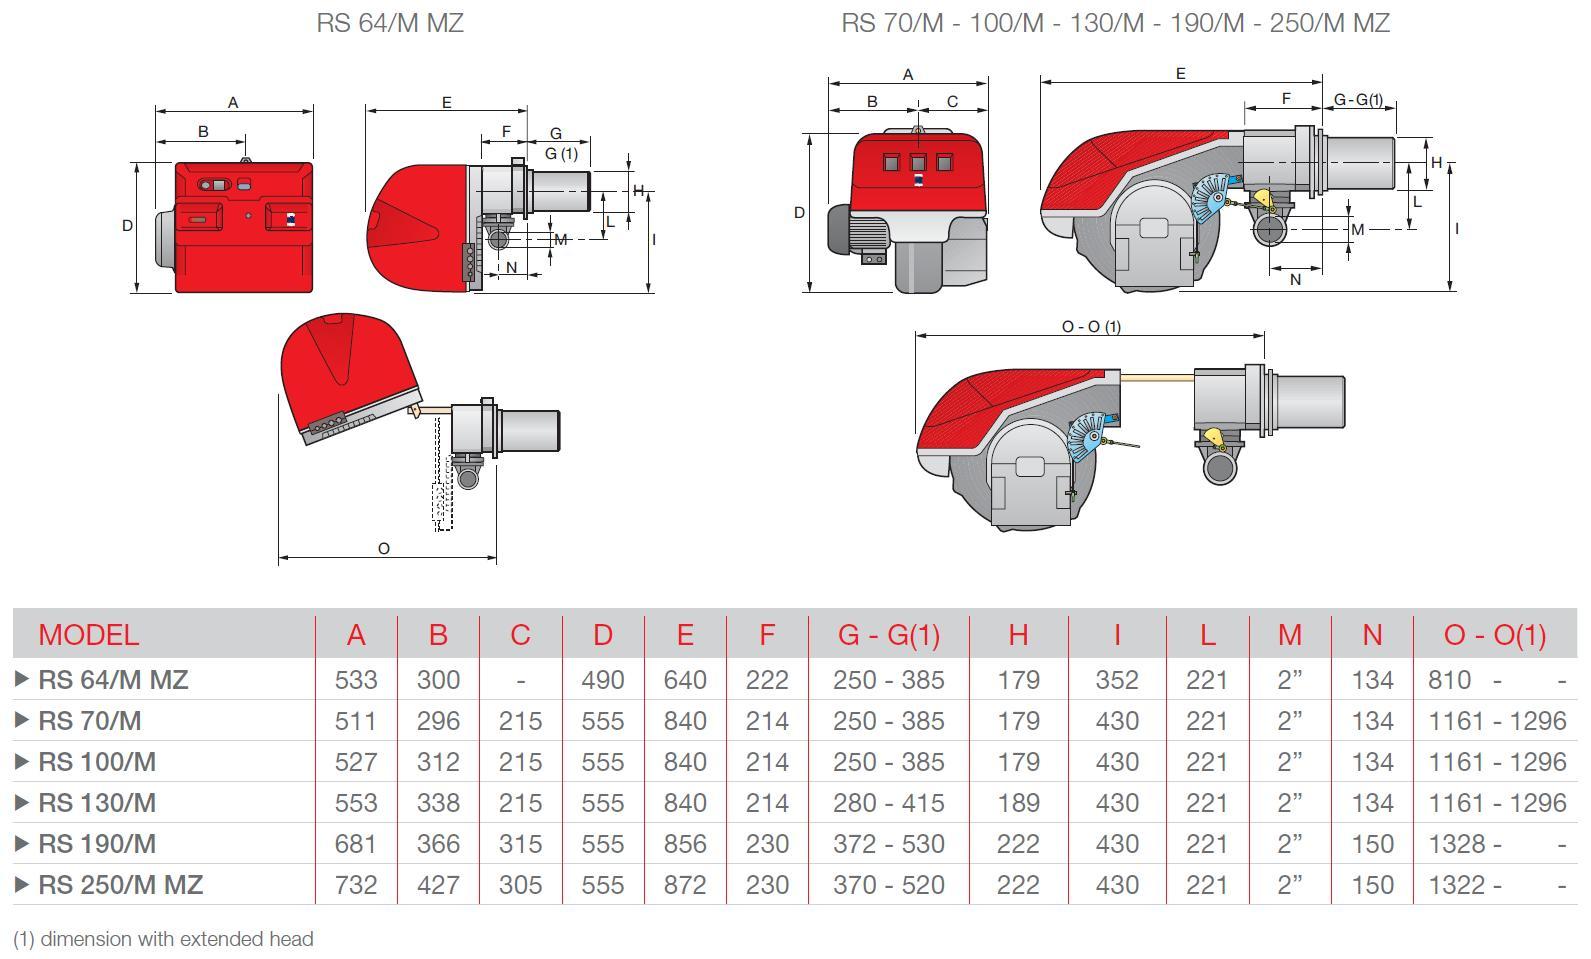 Riello-dim-RS64M-70M-100M-130M-190M-250M